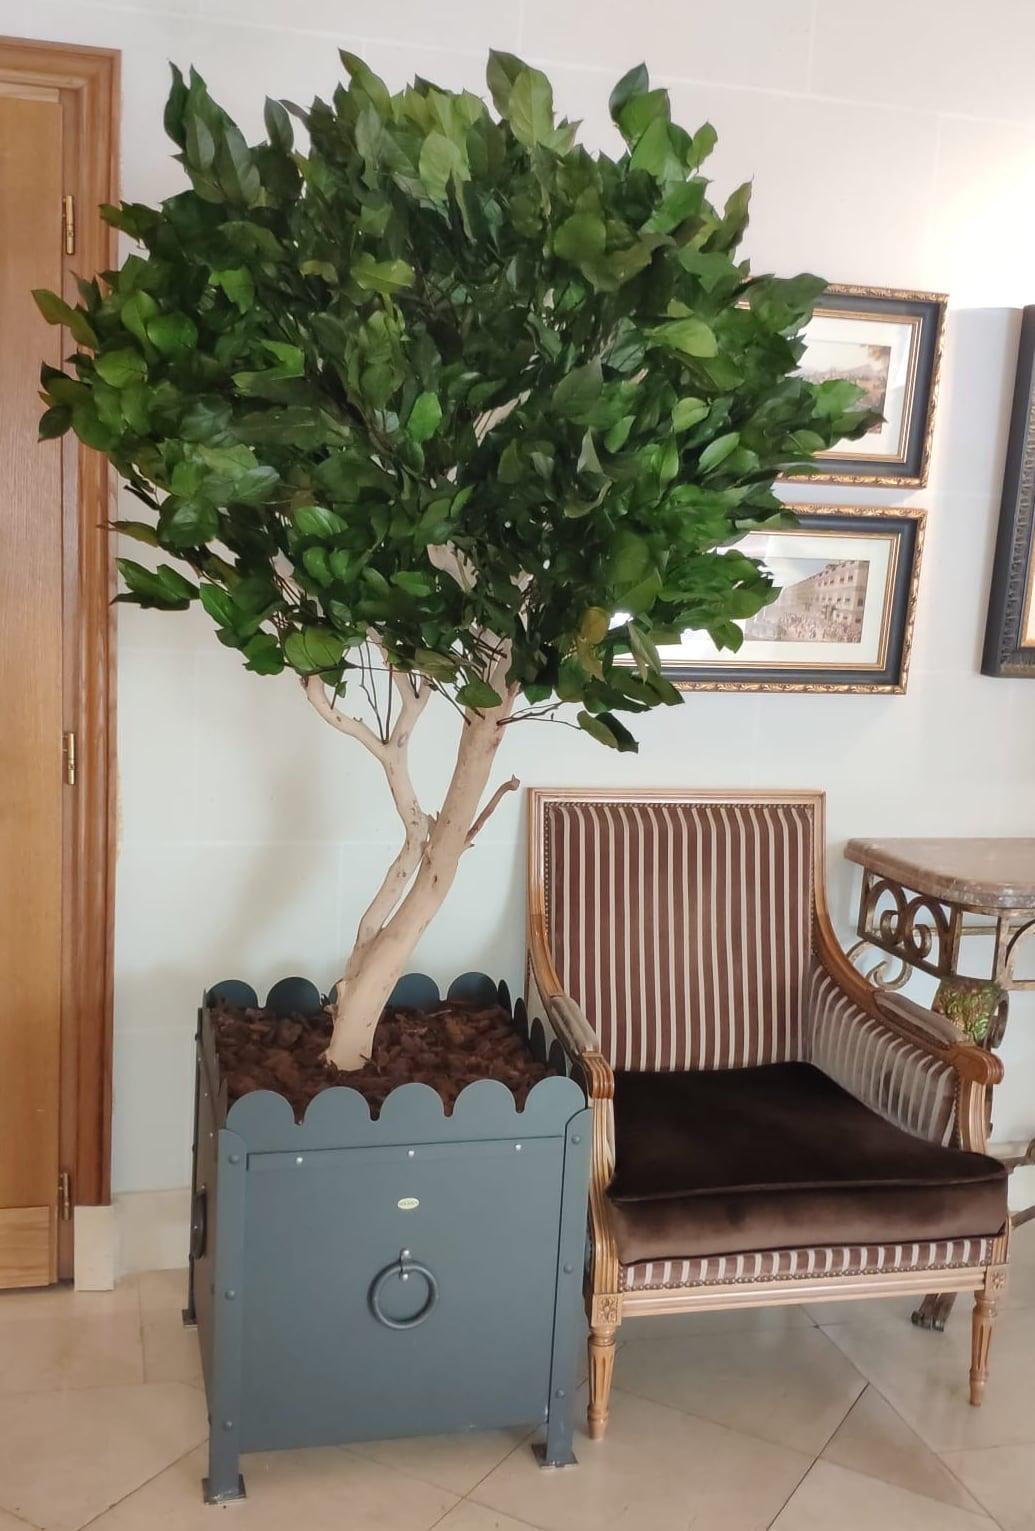 arbre salal, vegetaltrend